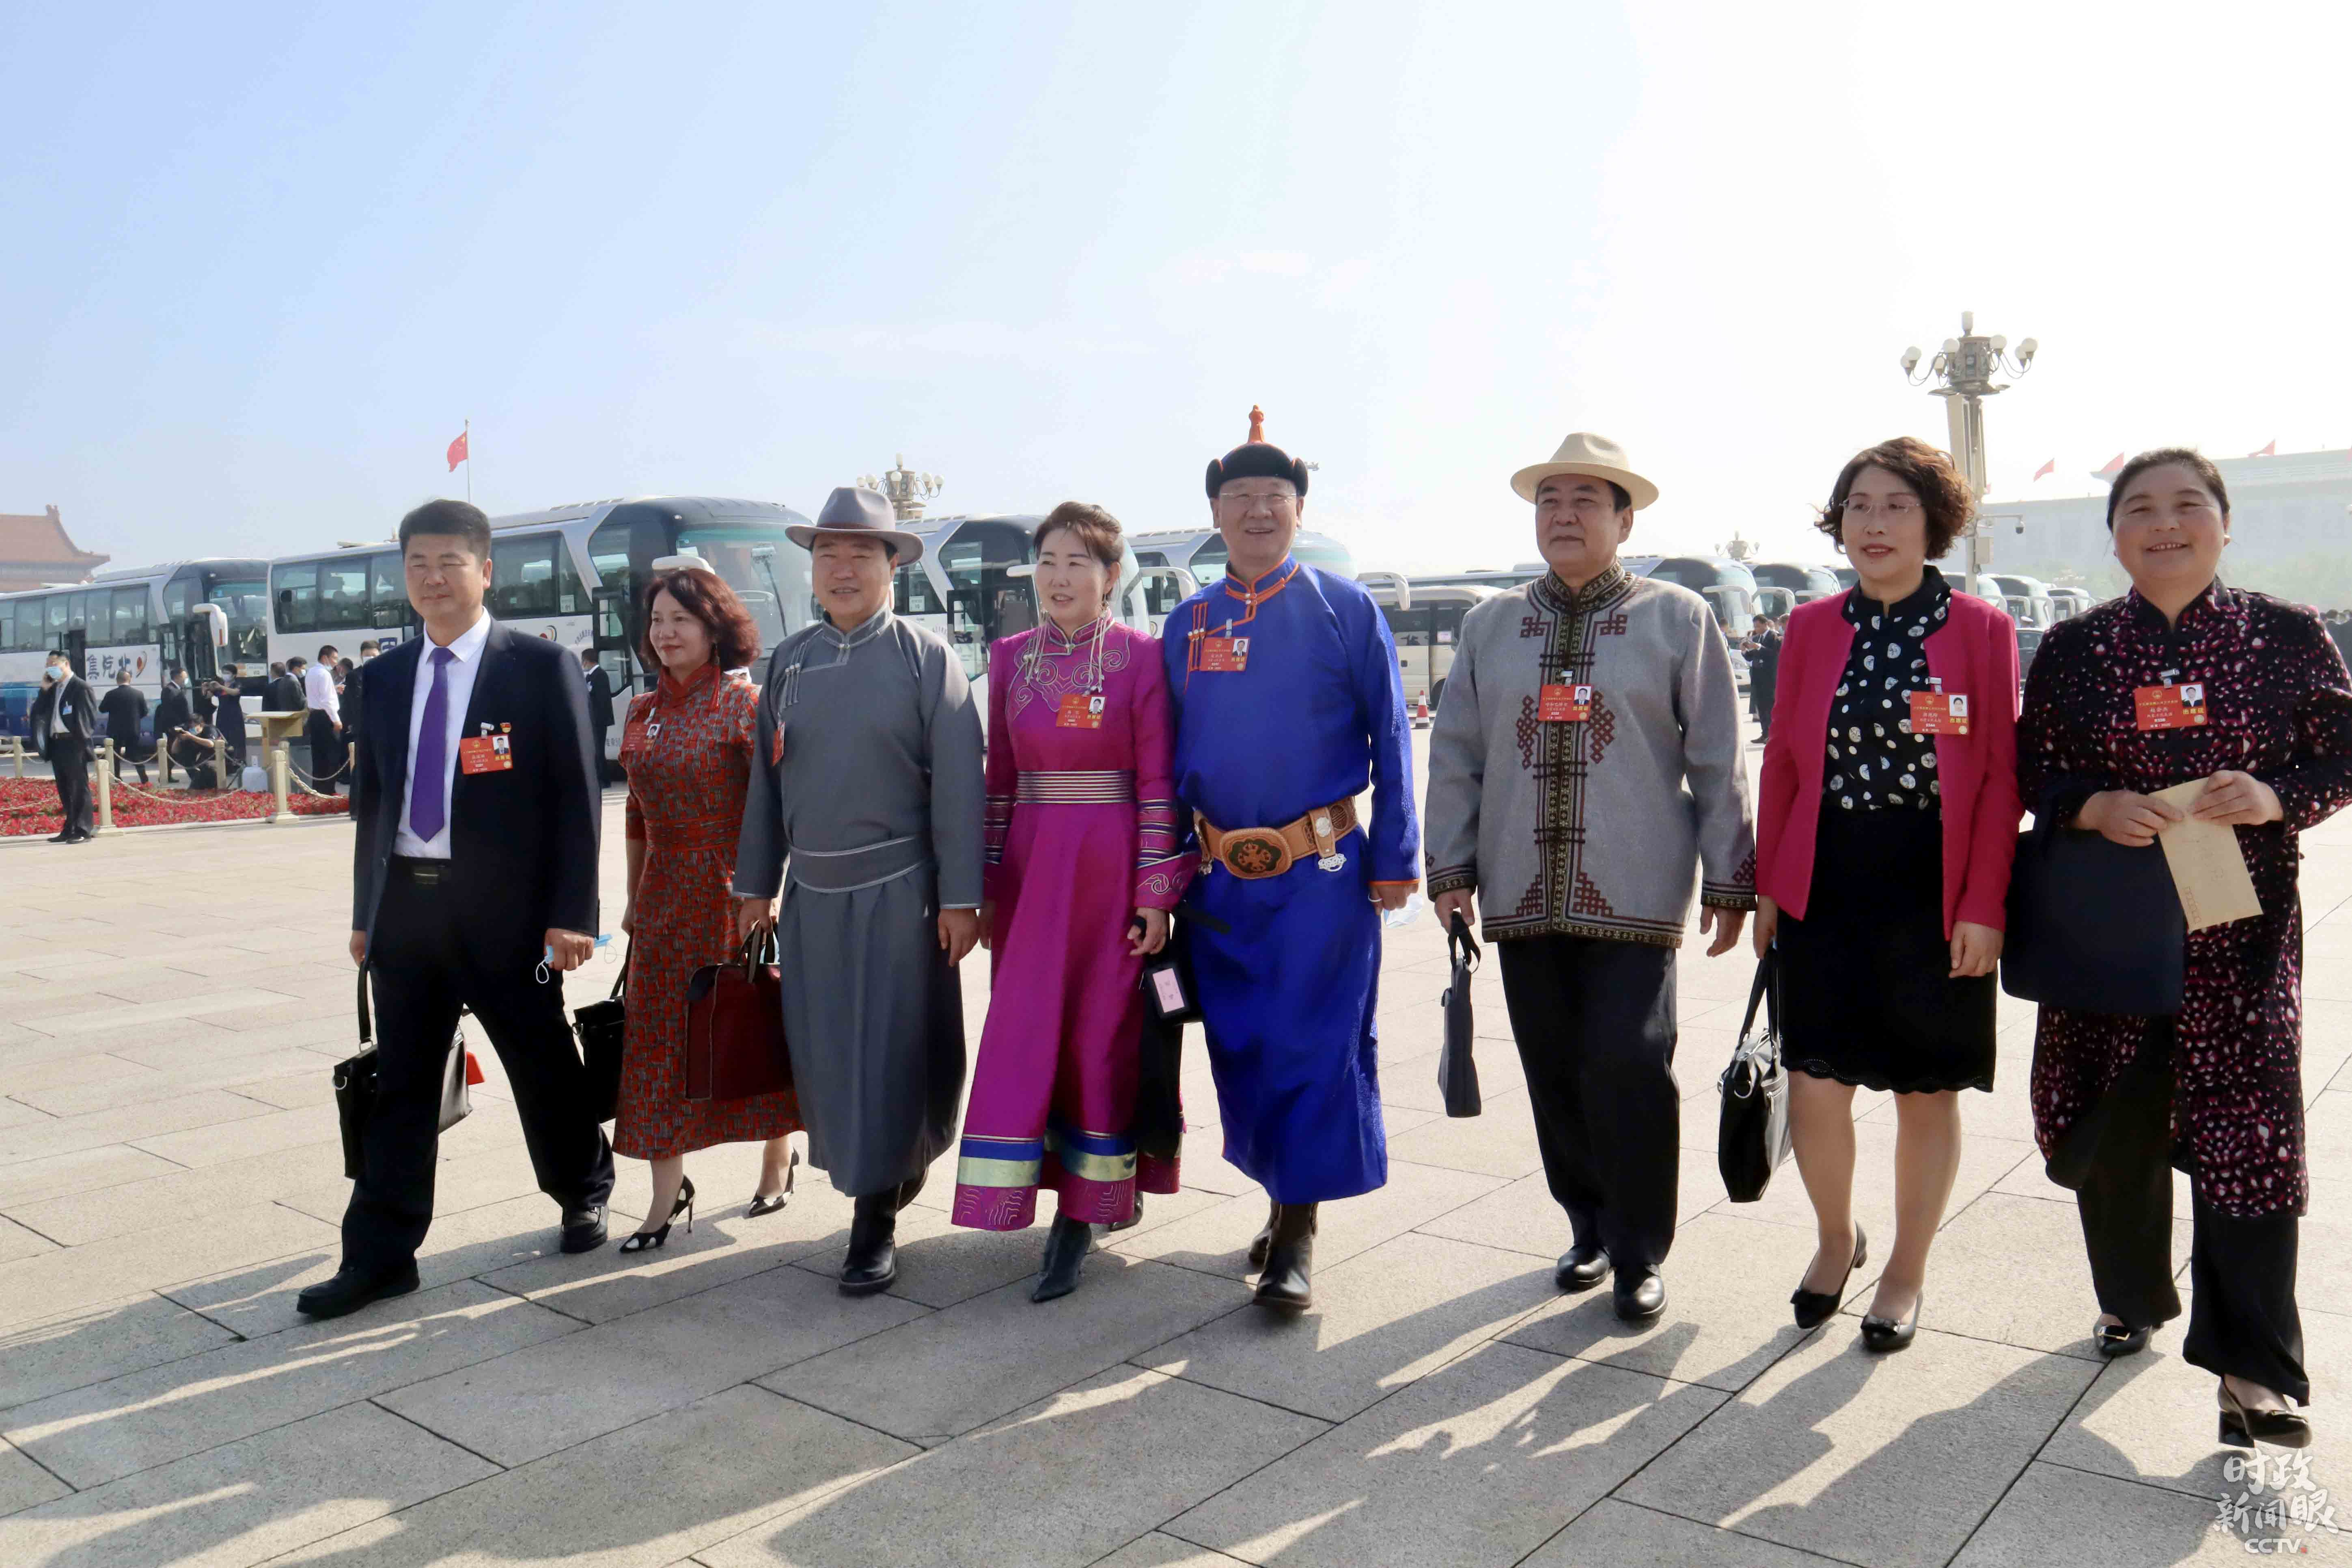 内蒙古团代表。